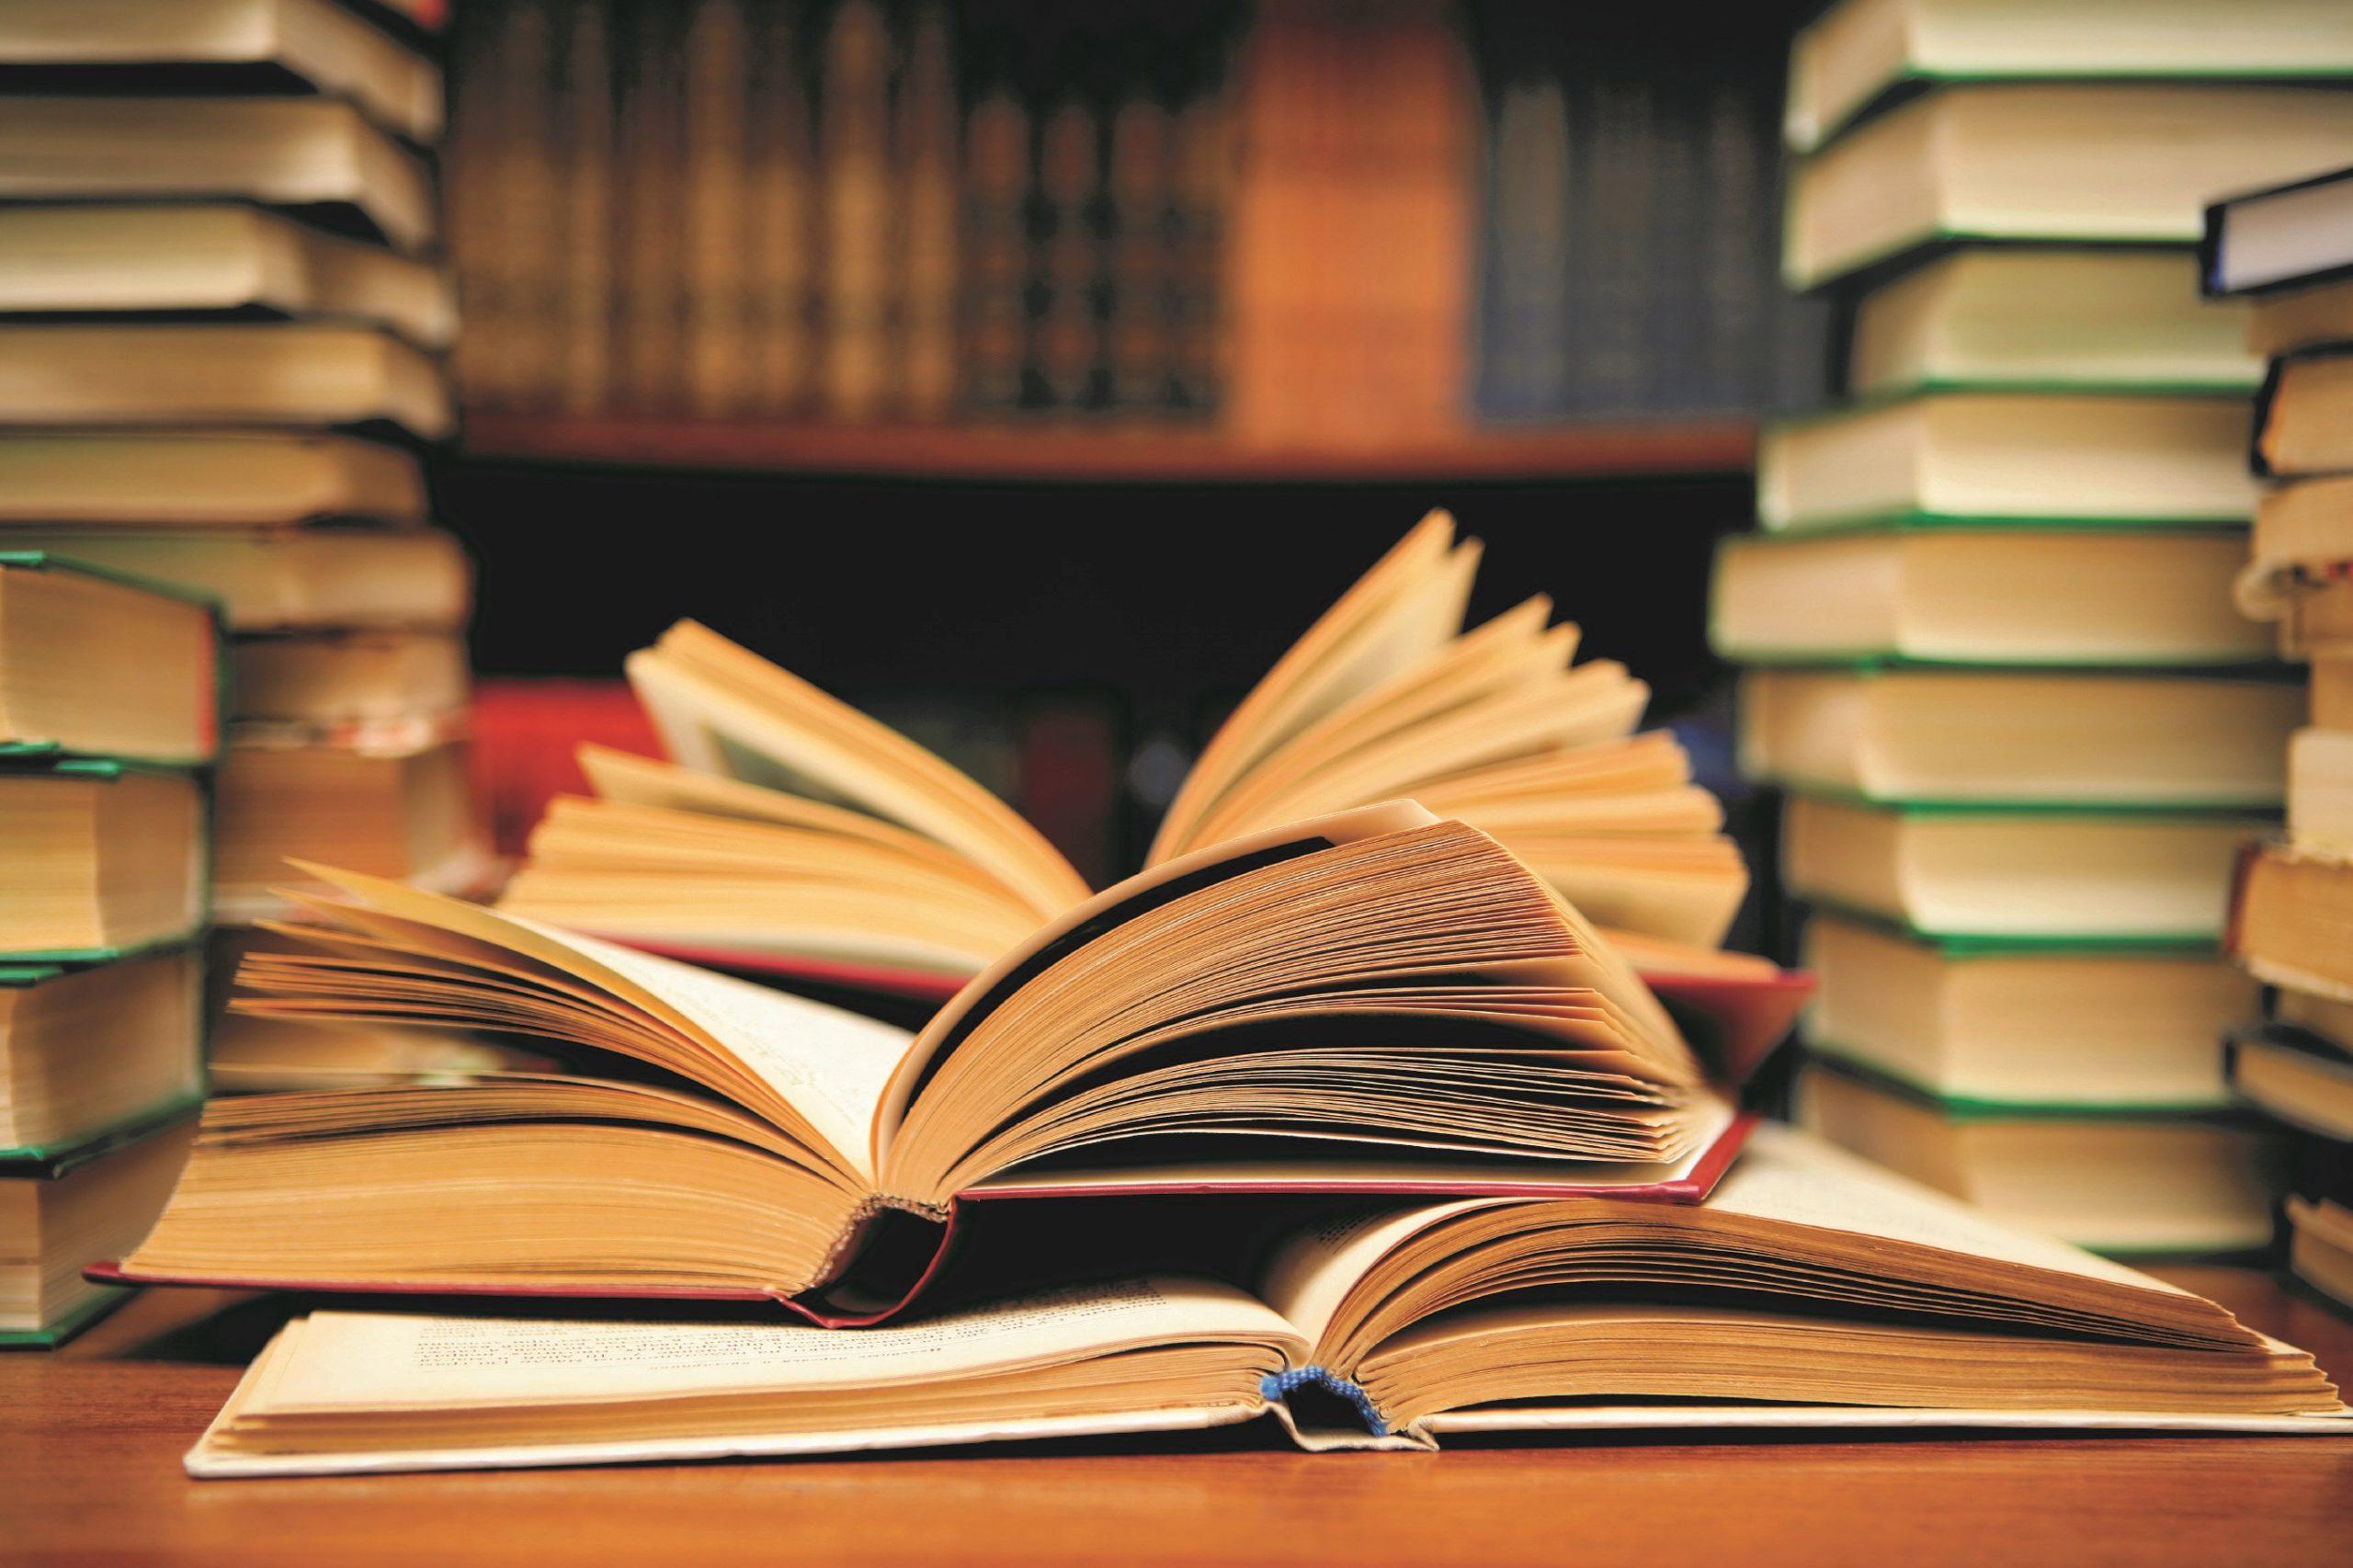 Promoção da Cultura por meio da Literatura